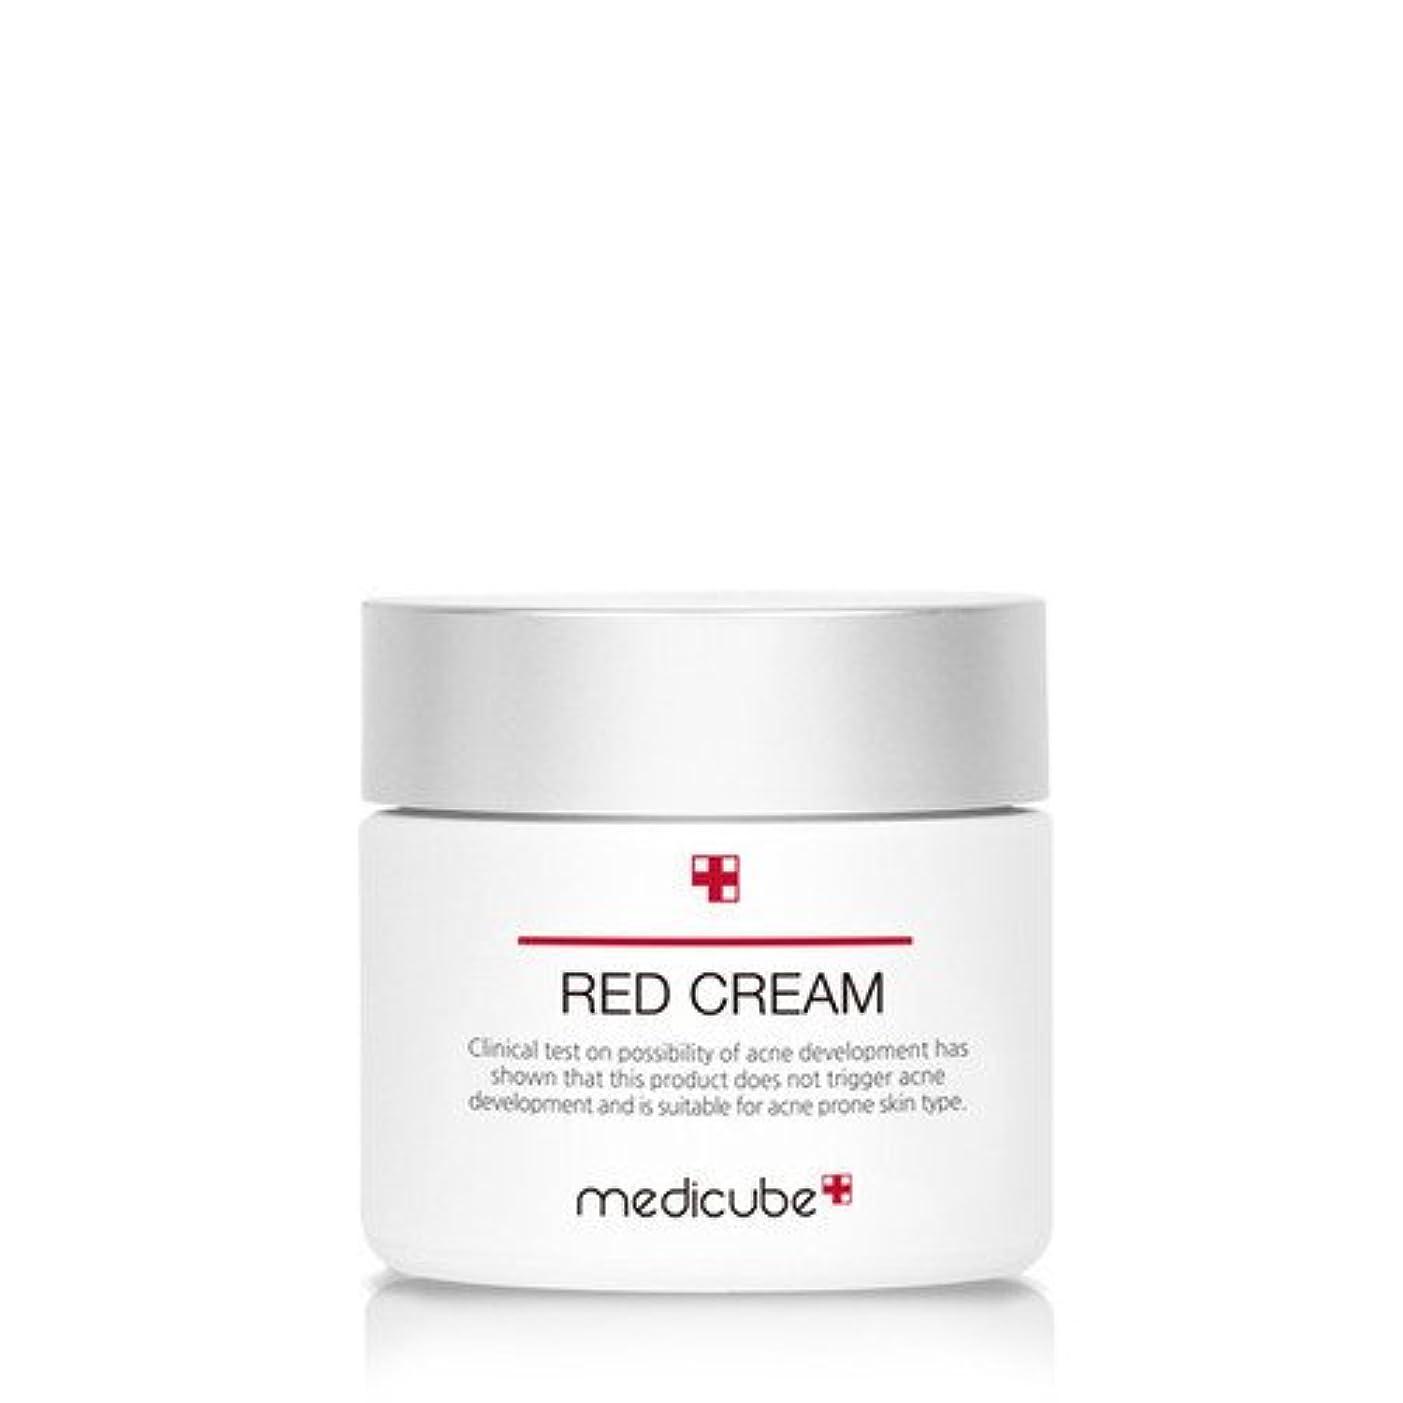 苛性ショップ遺伝子[Medicube]メディキューブ レッドクリーム 50ml / Medicube Red Cream 50ml / 正品?海外直送商品 [並行輸入品]